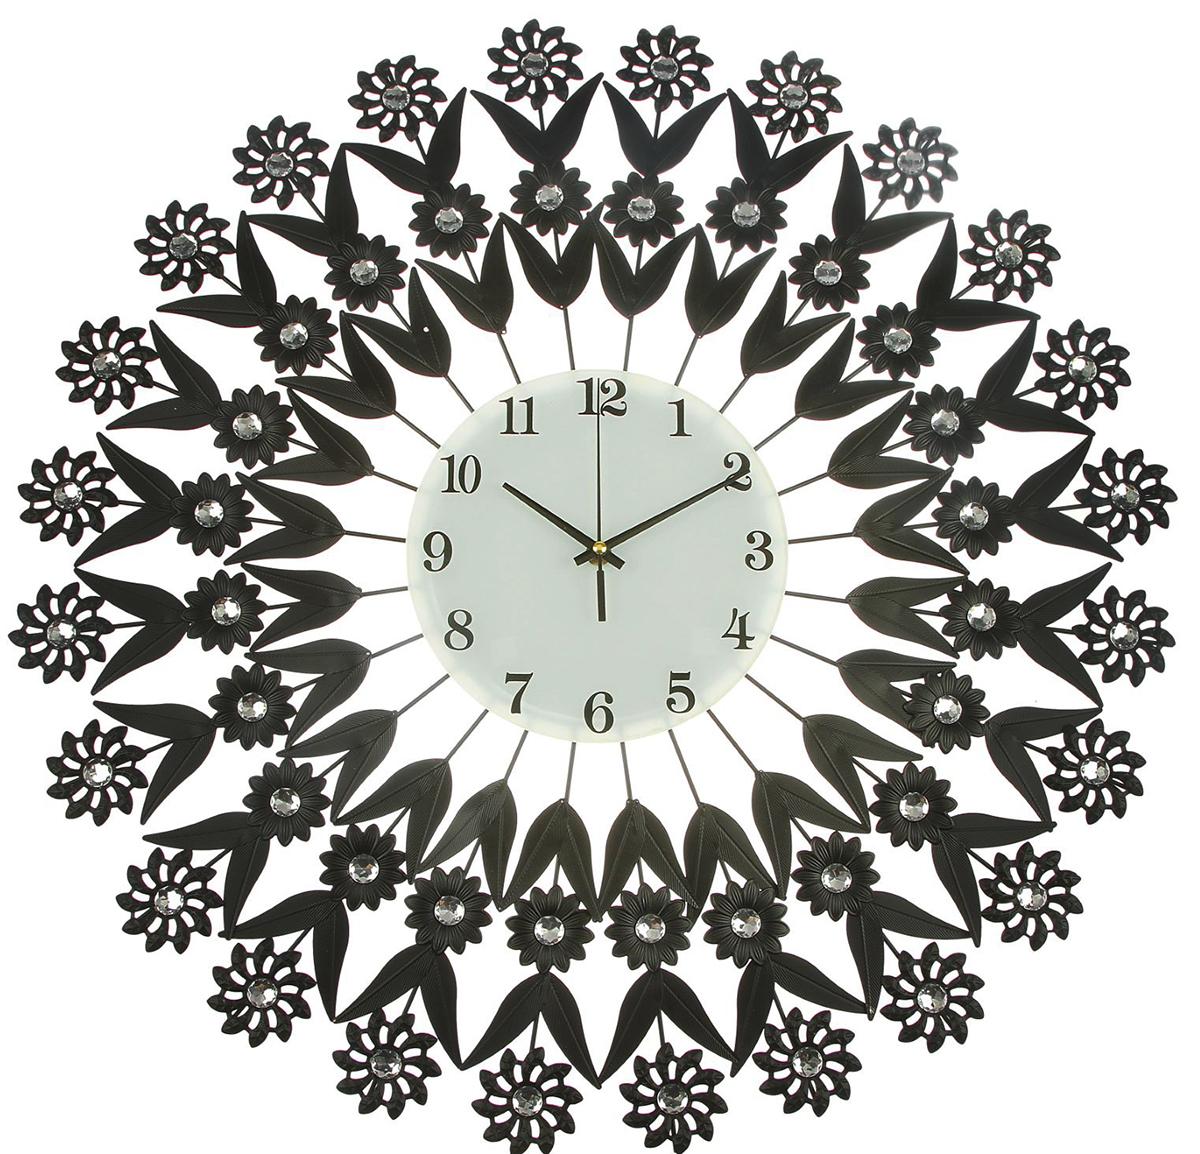 Часы настенные Ажур. Черные цветочки, диаметр 65 см2364653Каждому хозяину периодически приходит мысль обновить свою квартиру, сделать ремонт, перестановку или кардинально поменять внешний вид каждой комнаты. — привлекательная деталь, которая поможет воплотить вашу интерьерную идею, создать неповторимую атмосферу в вашем доме. Окружите себя приятными мелочами, пусть они радуют глаз и дарят гармонию.Часы настенные серия Ажур,циферблат круг, чёрные цветочки со стразами, d=65 см, 1AA 2364653